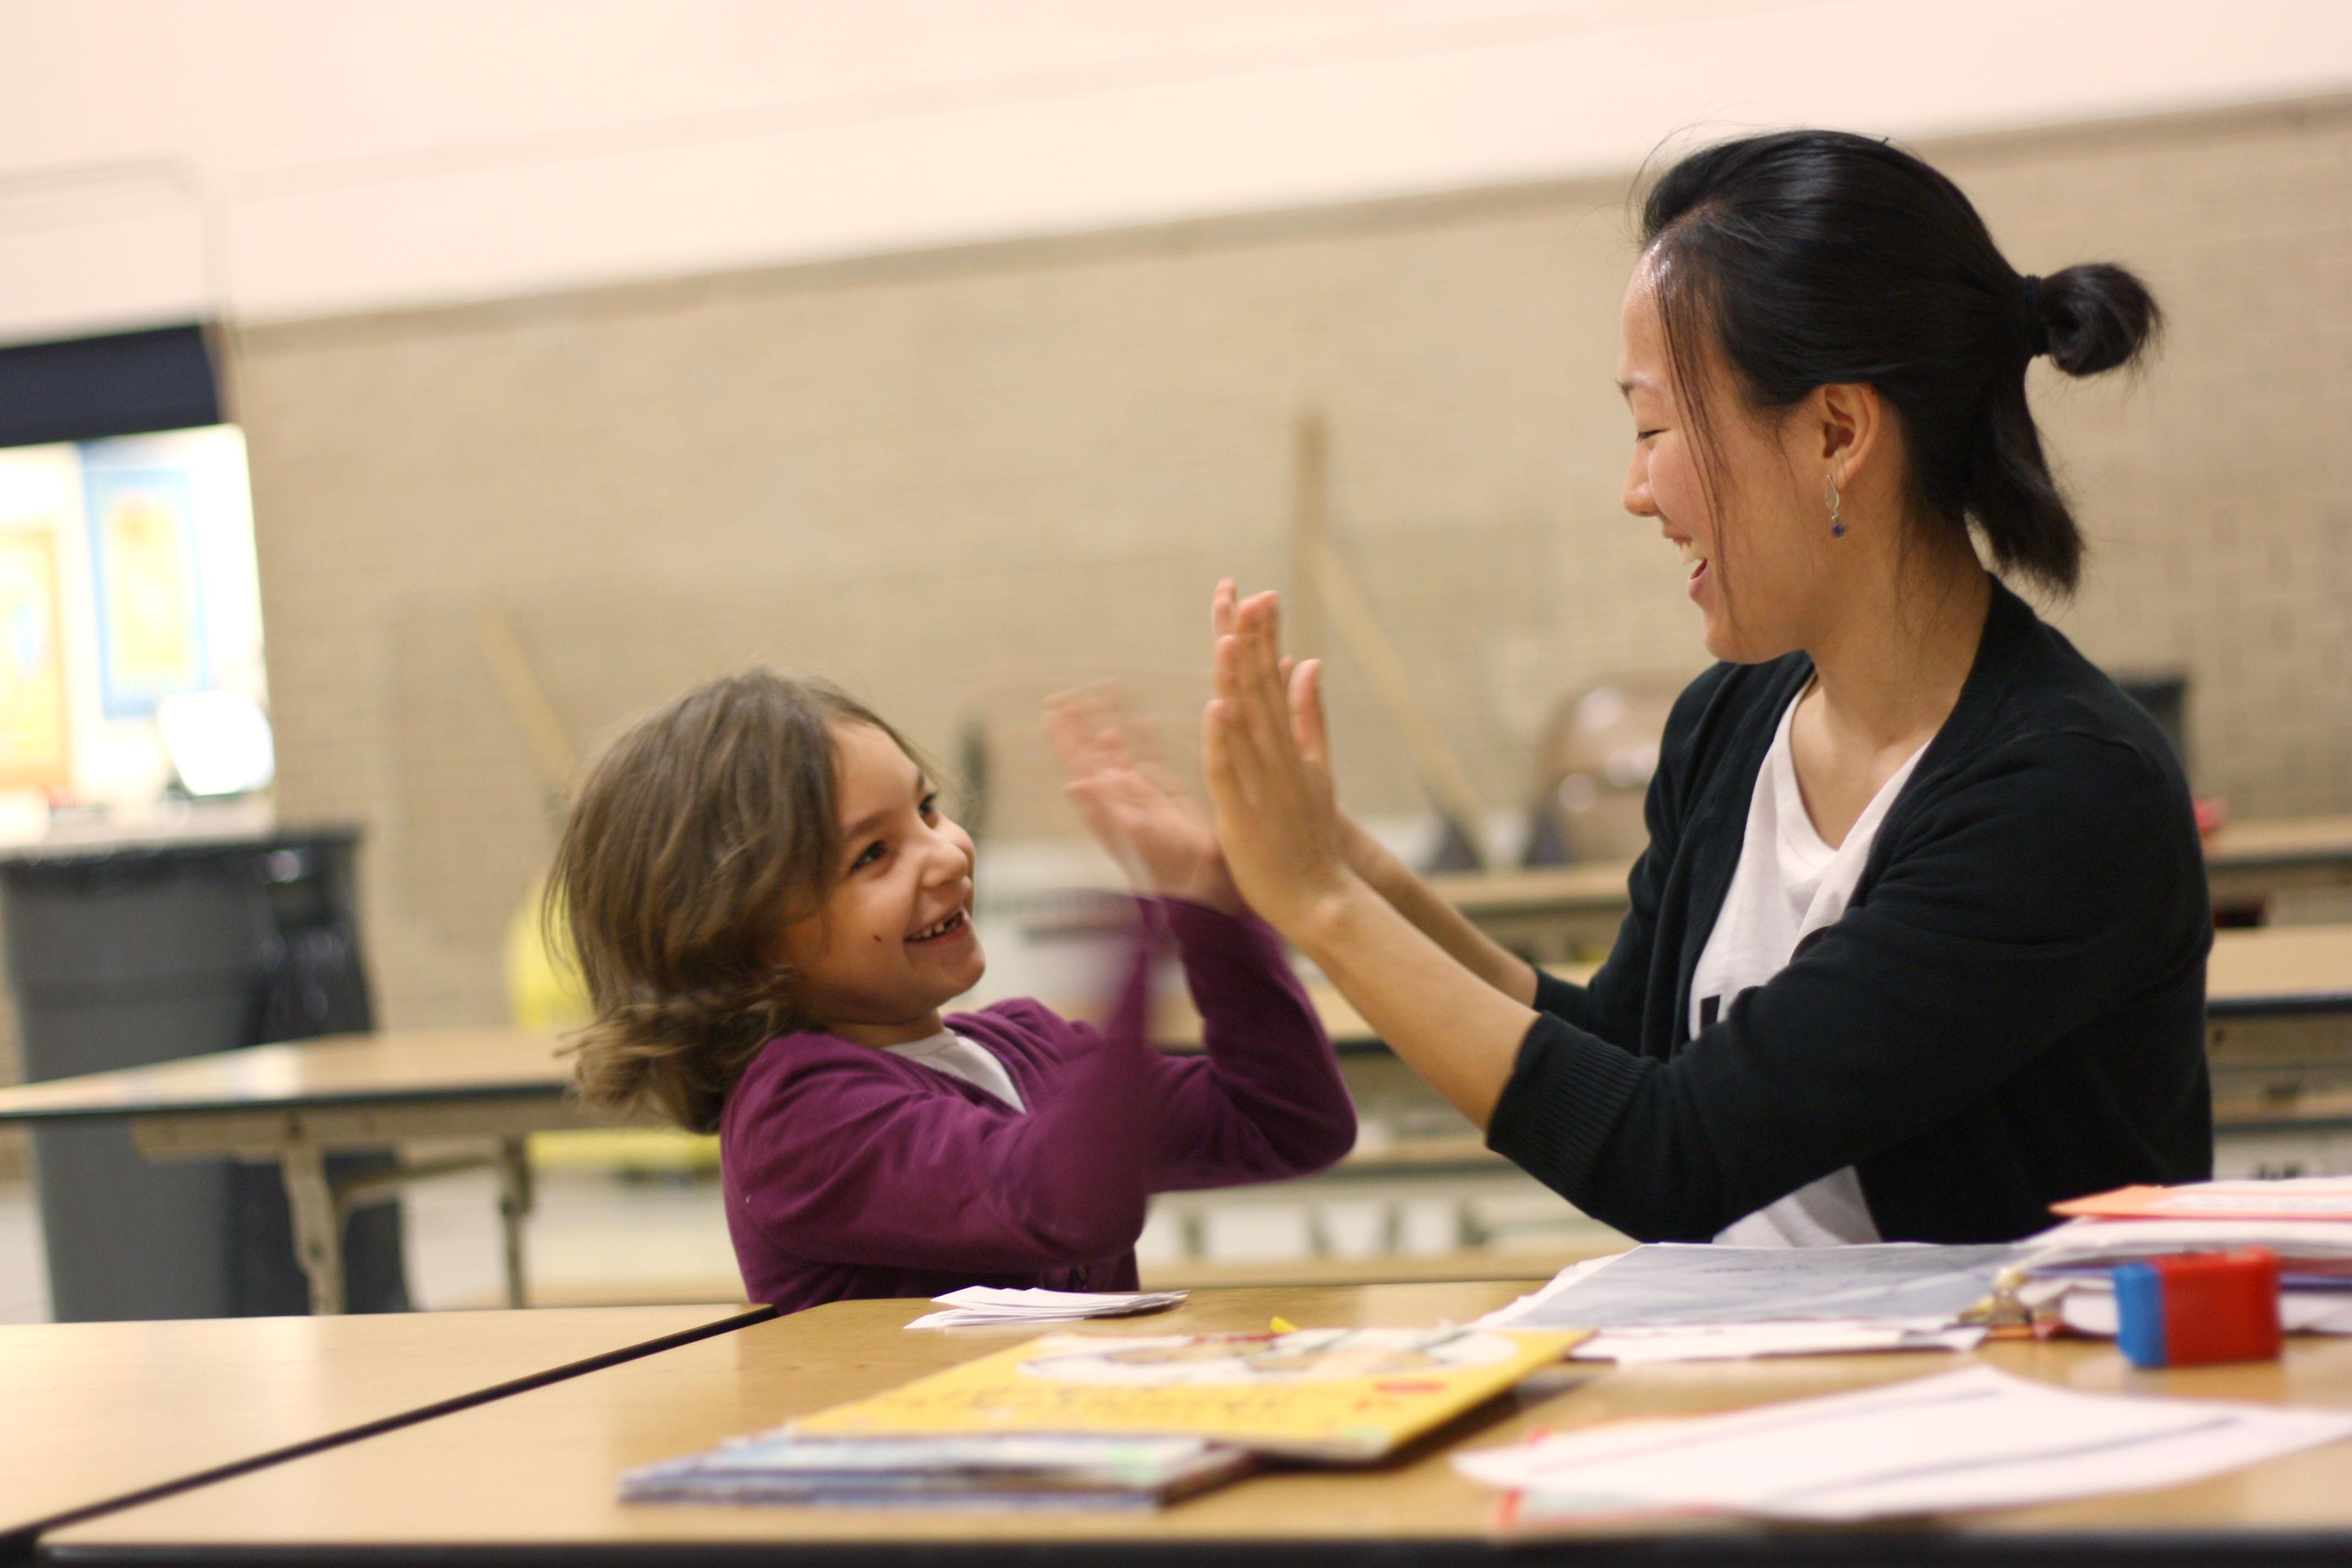 Tìm kiếm gia sư piano tphcm cho trẻ - giải pháp tiện lợi và hữu hiệu hình ảnh 2